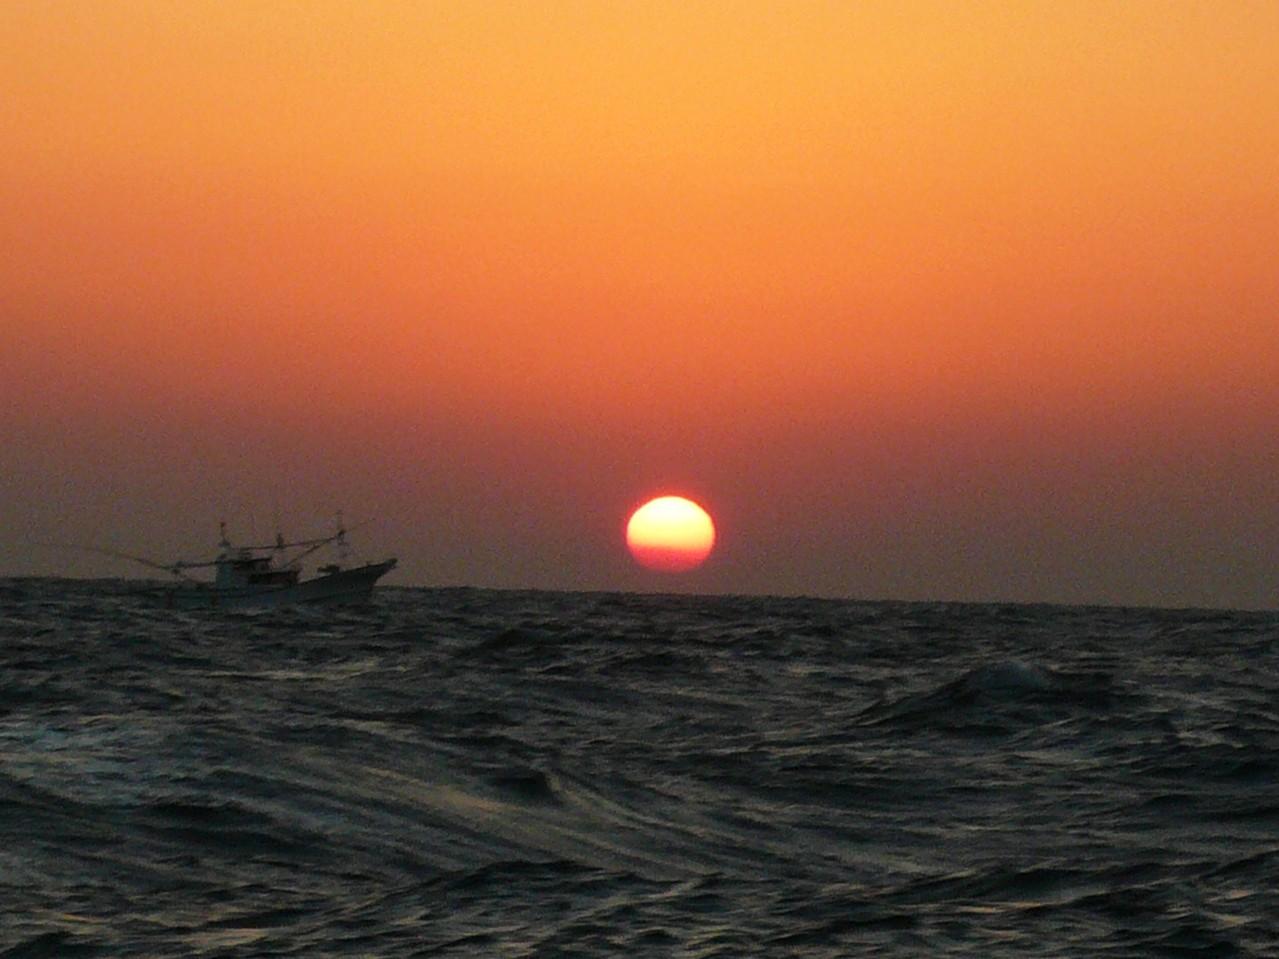 10月15日天気は良いが 北北東13m波の高さ2mまだまだ高くなる 帰港へ